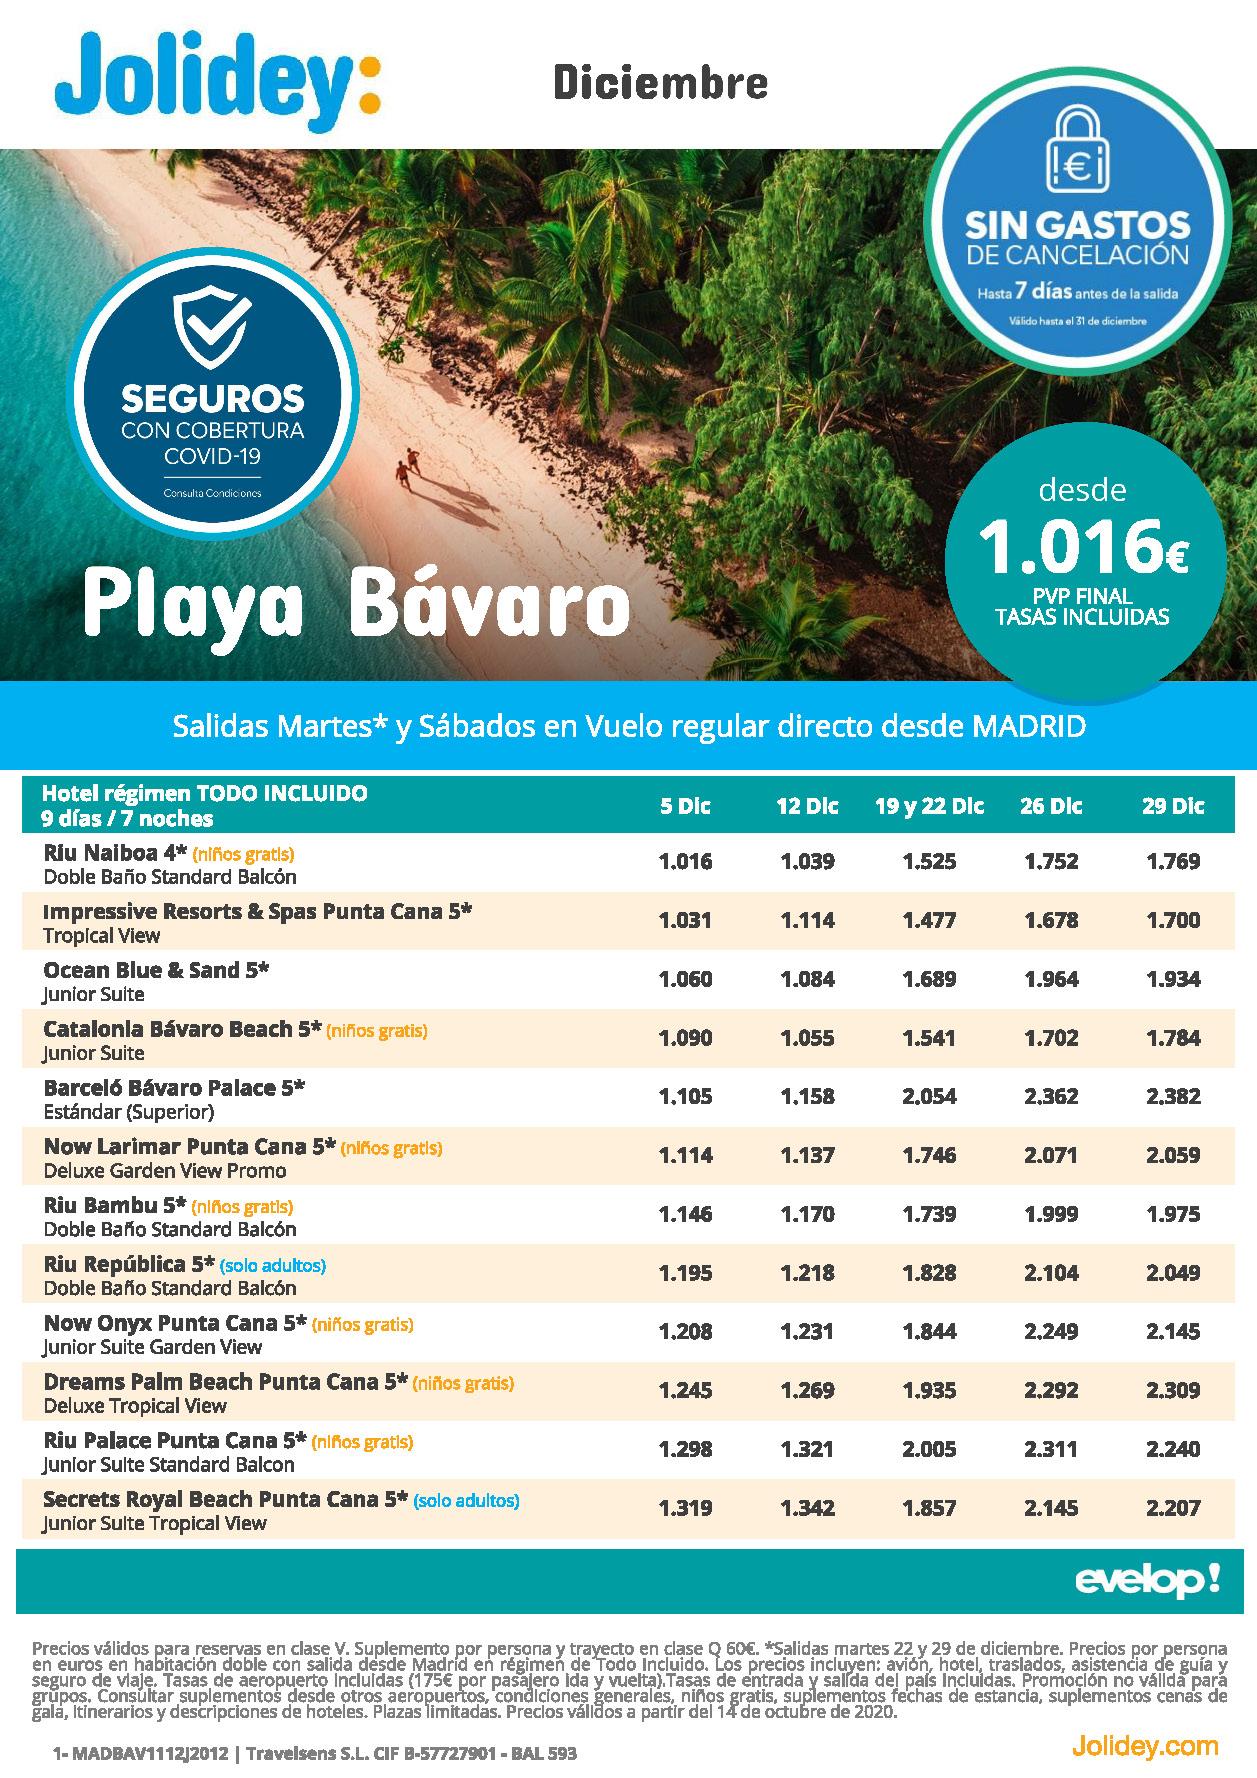 Ofertas Jolidey Playa Bavaro Republica Dominicana Diciembre 2020 salidas vuelo directo desde Madrid